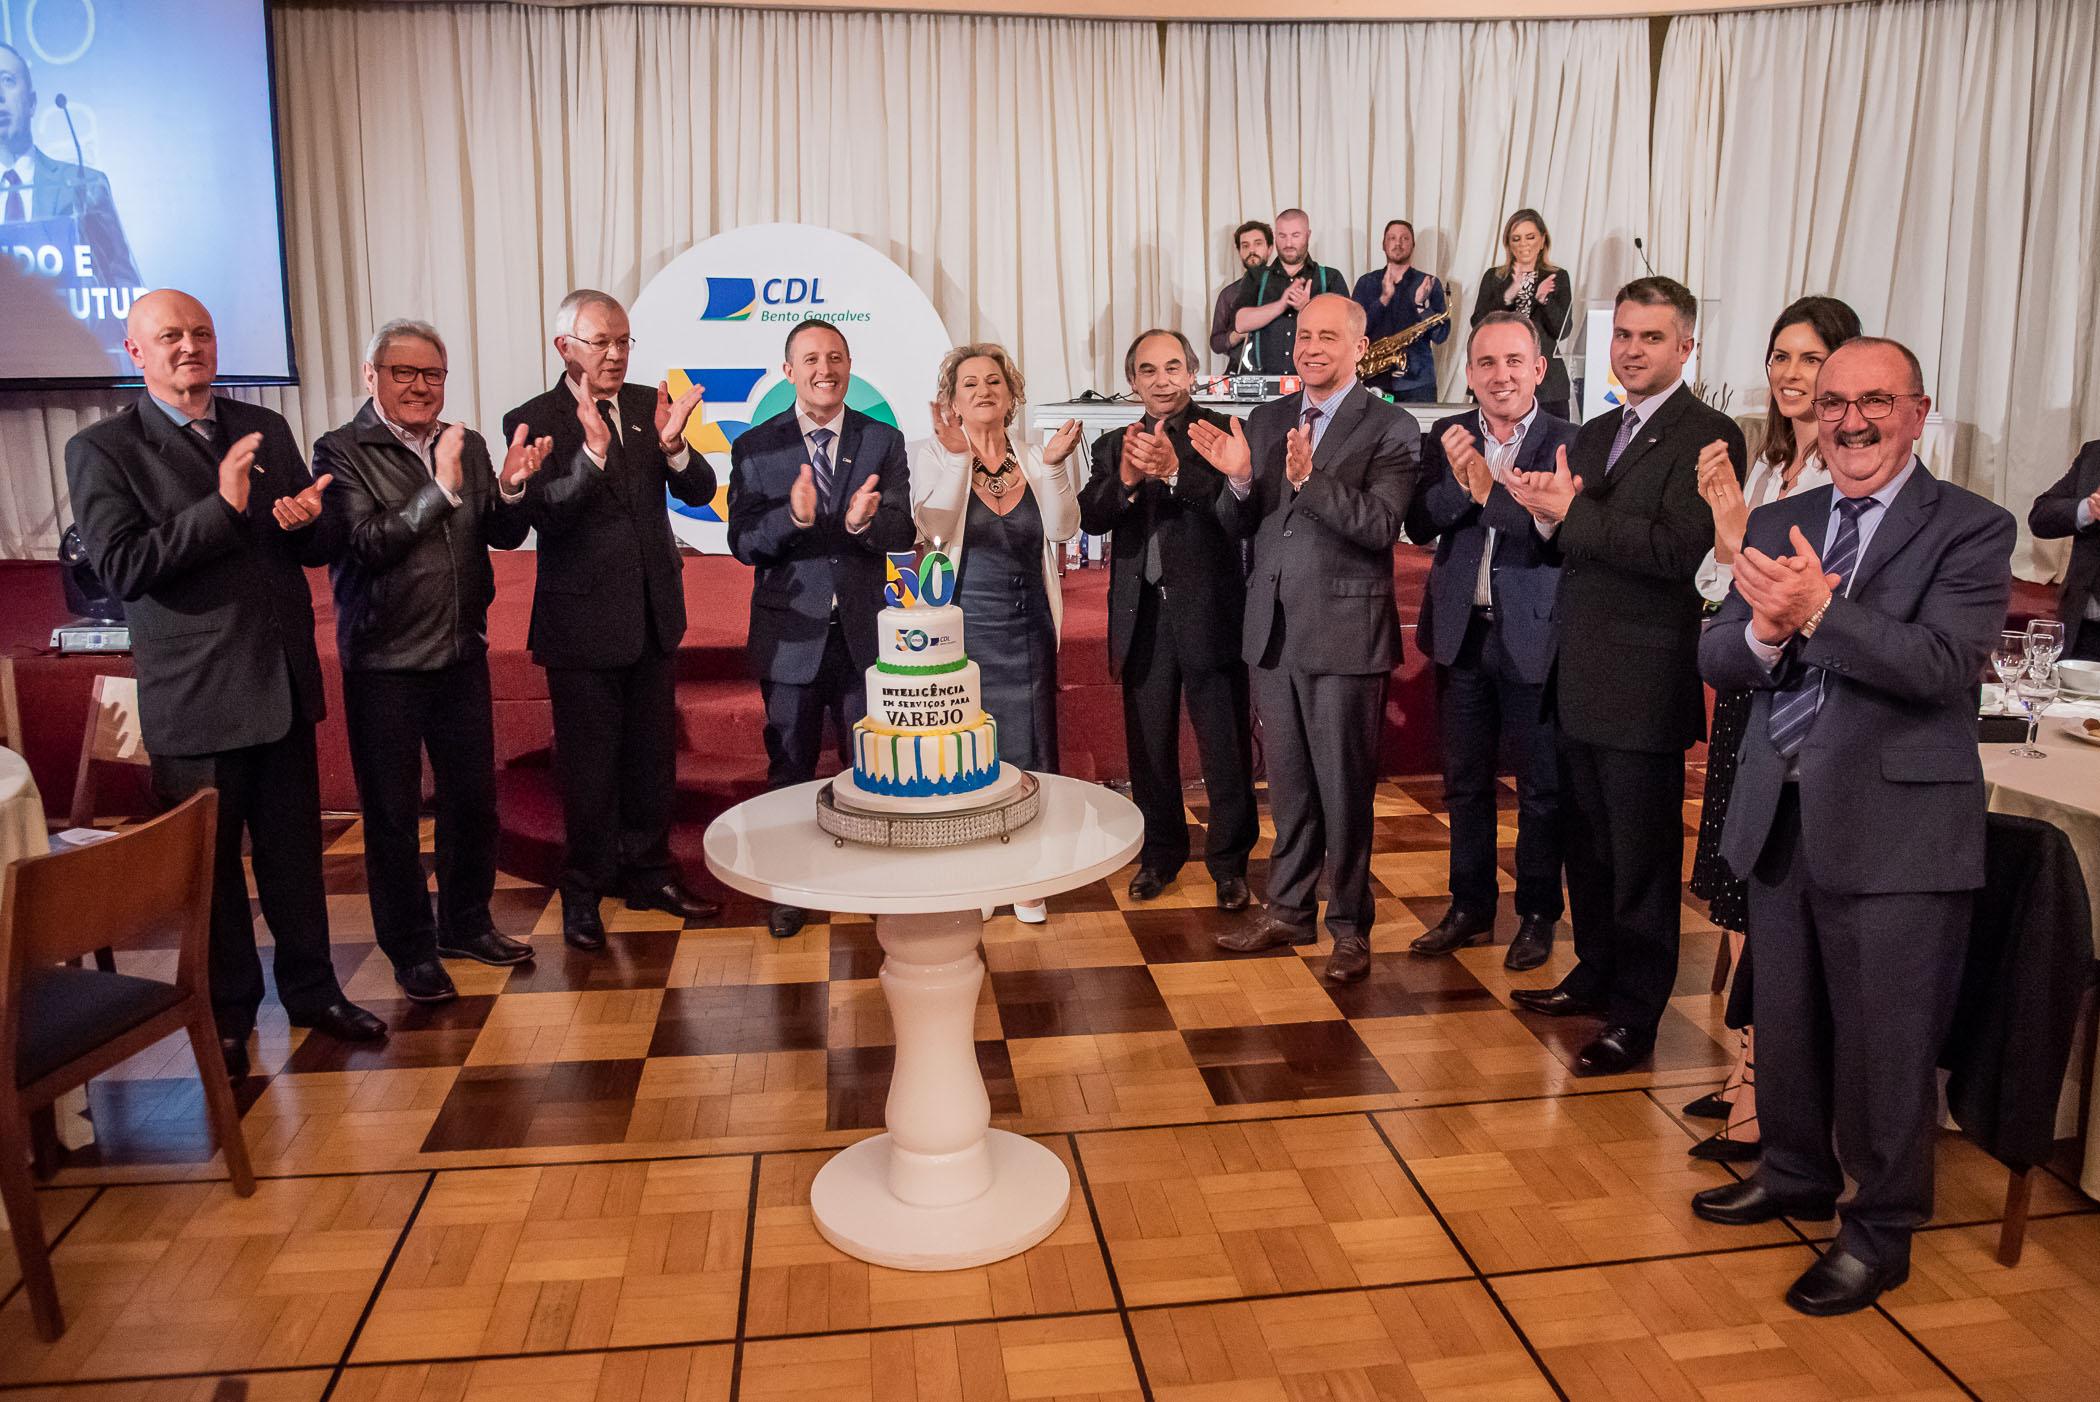 CDL BG Comemorou 50 Anos Com Festividade No Clube Aliança (1)